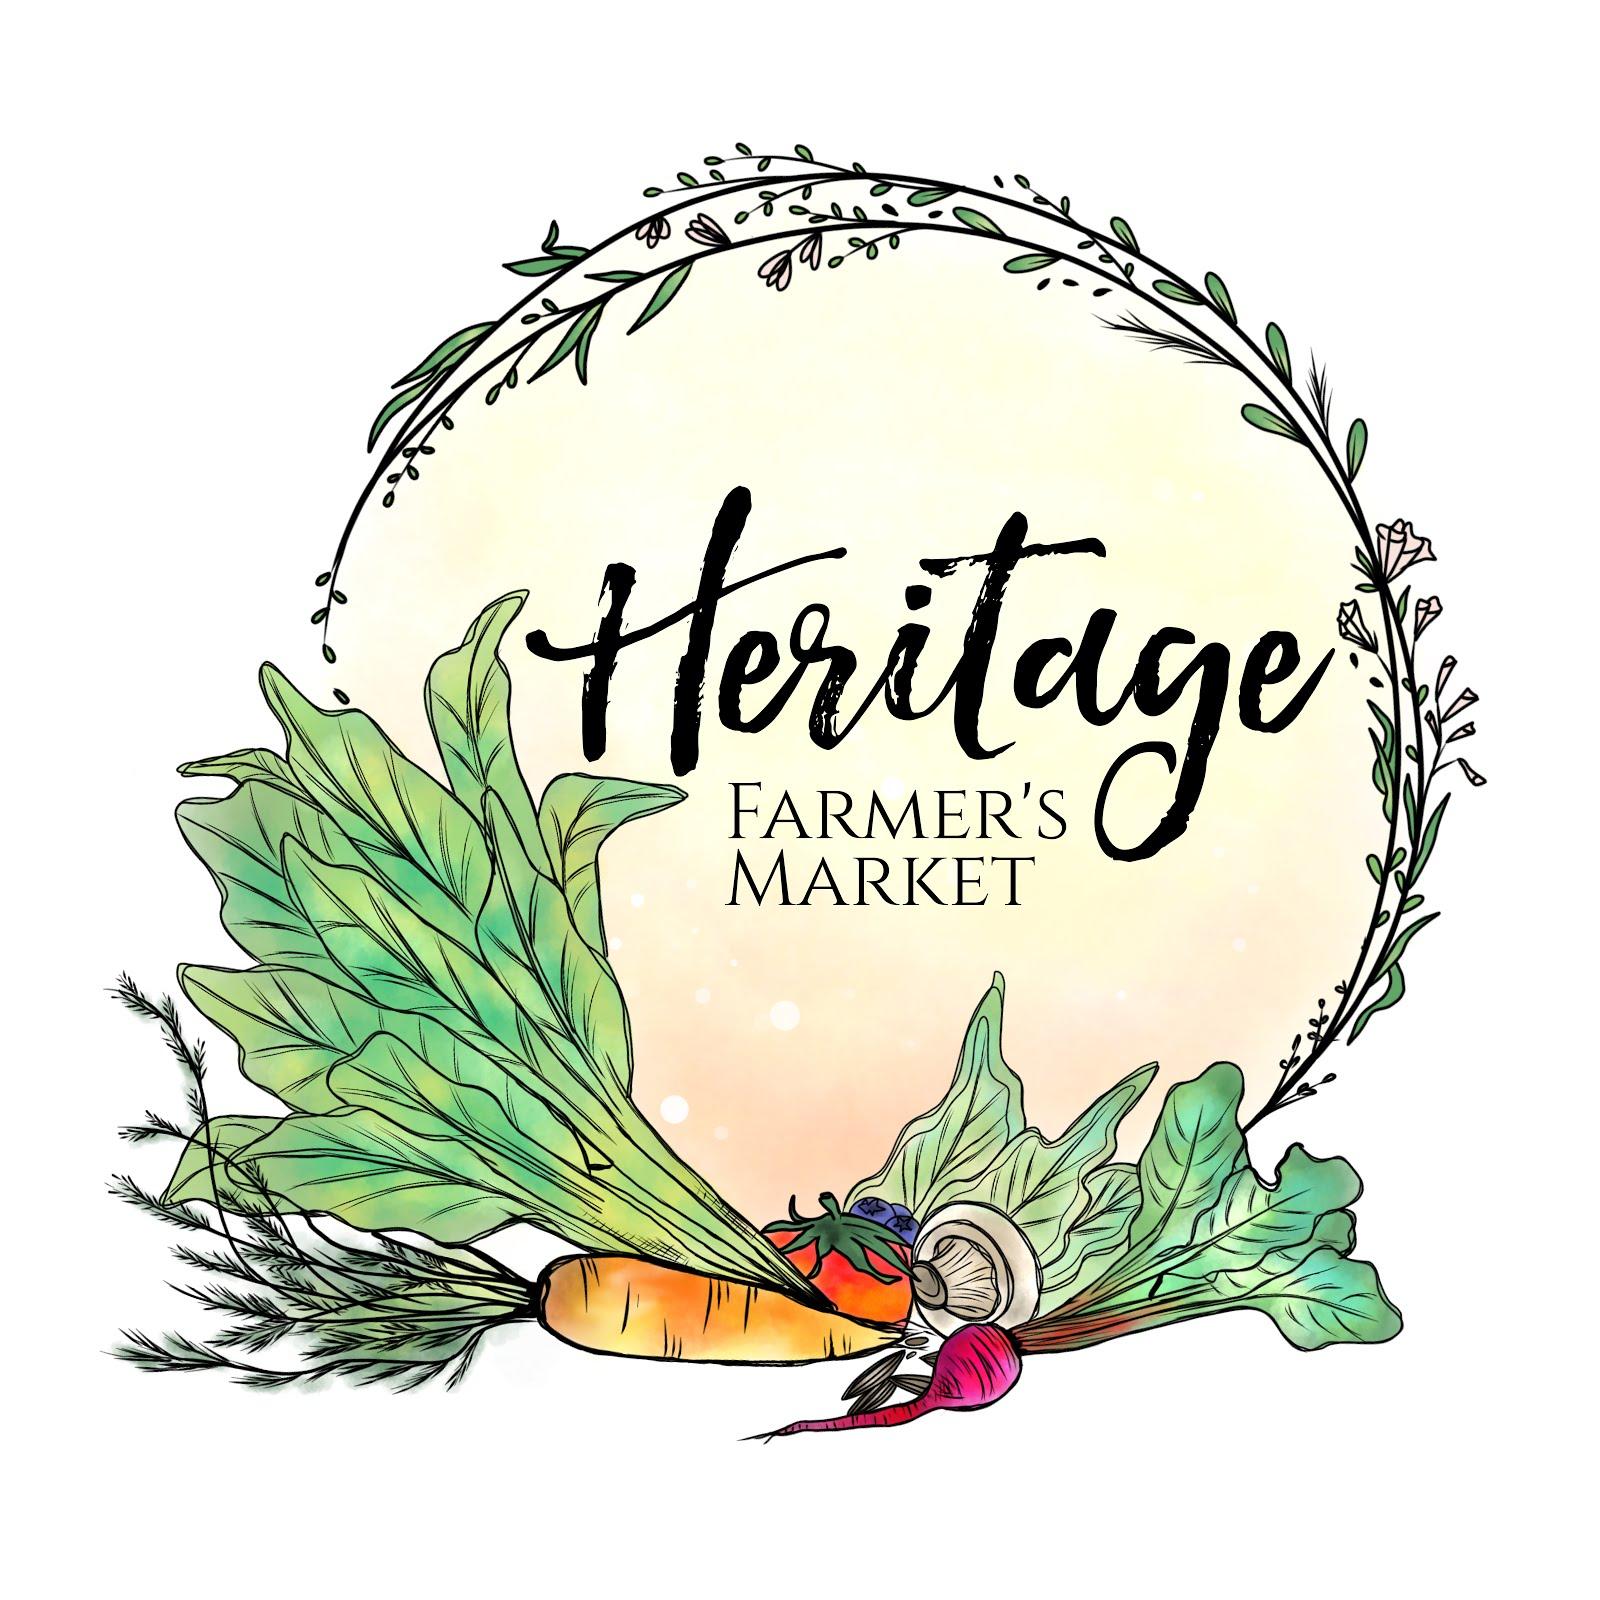 Heritage Certified Farmer's Market